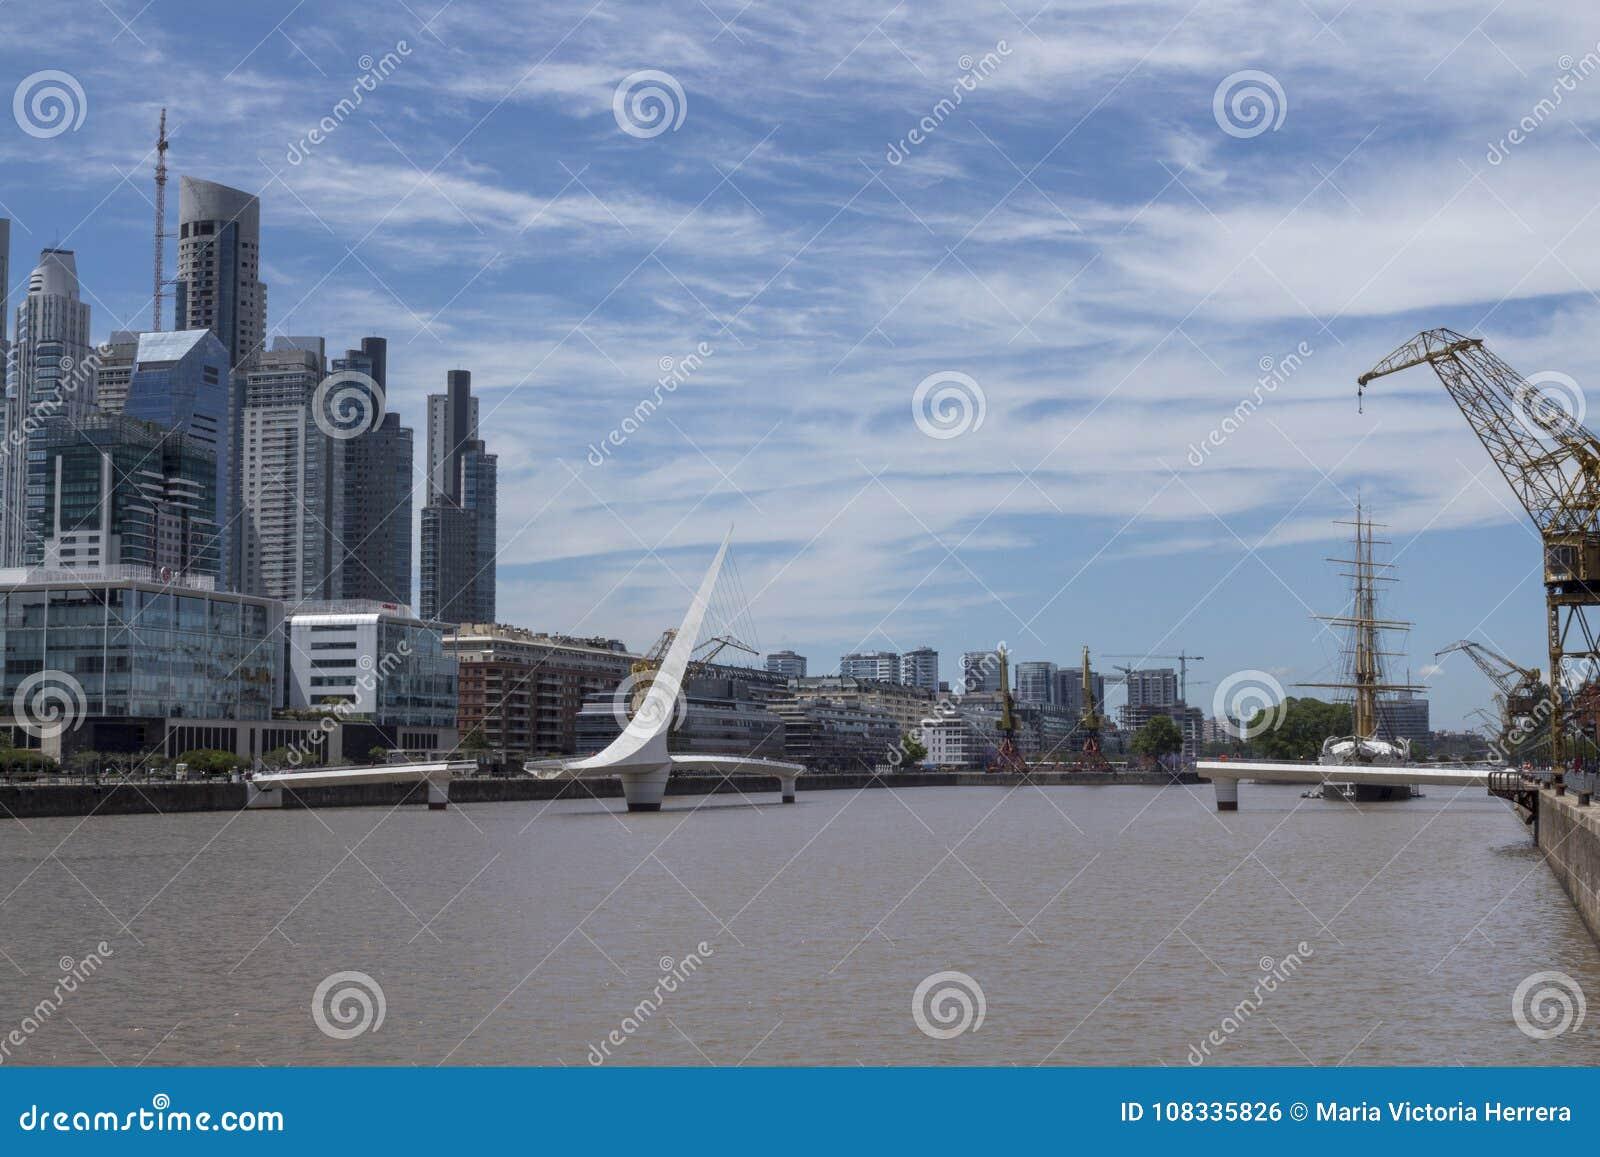 Puerto Madero Μπουένος Άιρες Puente de Λα mujer